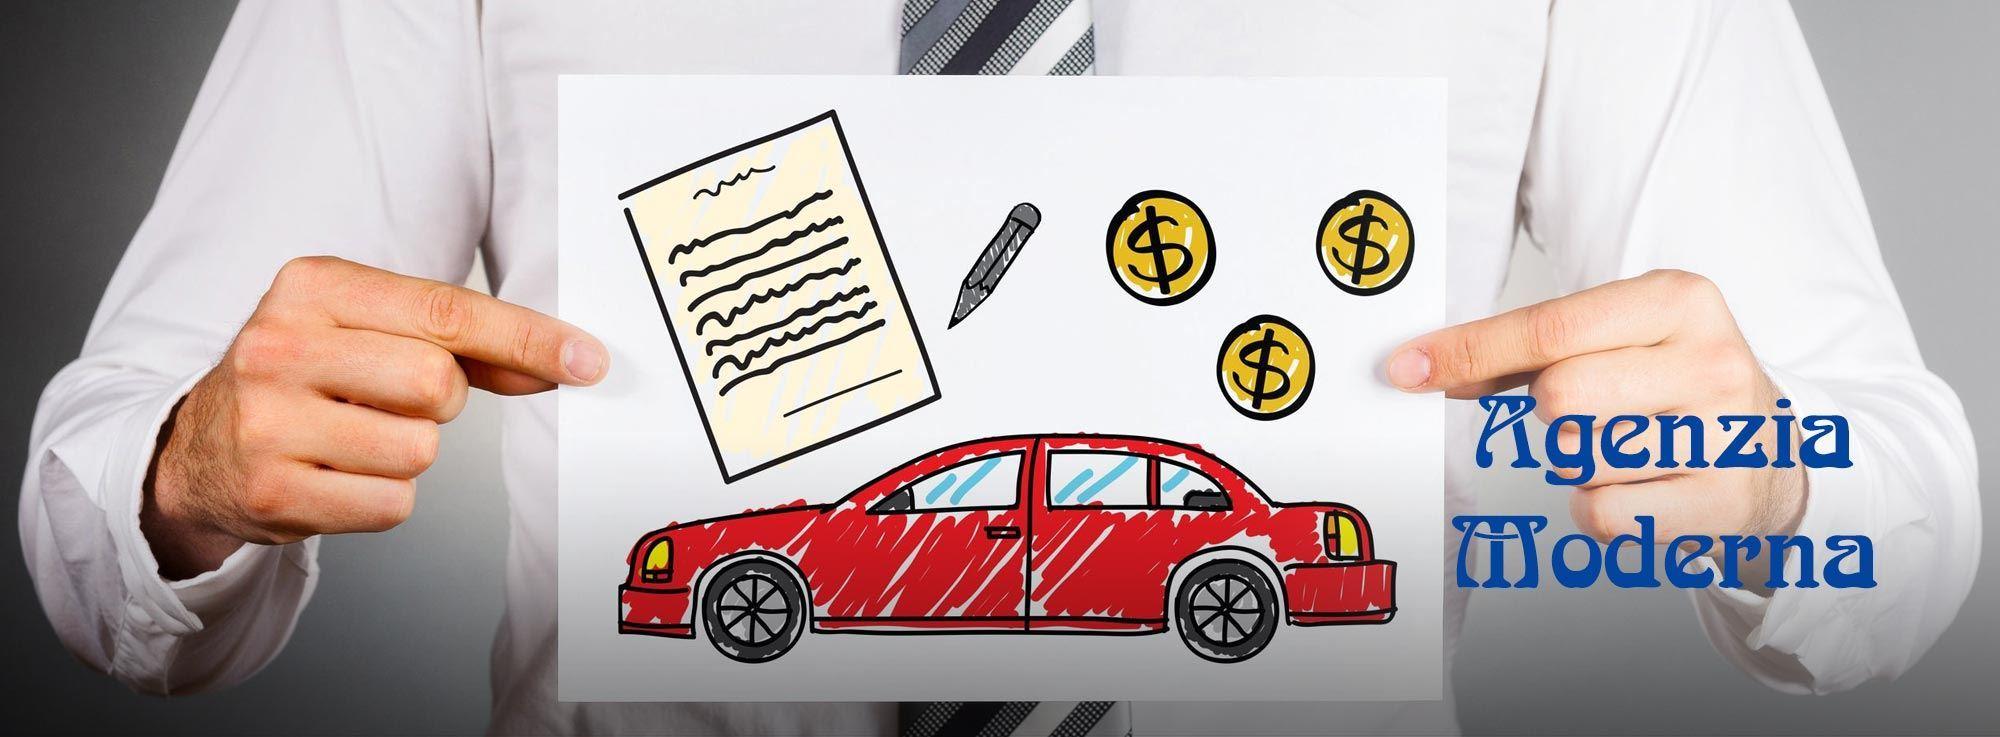 agenzia moderna barletta bt servizi pratiche auto e